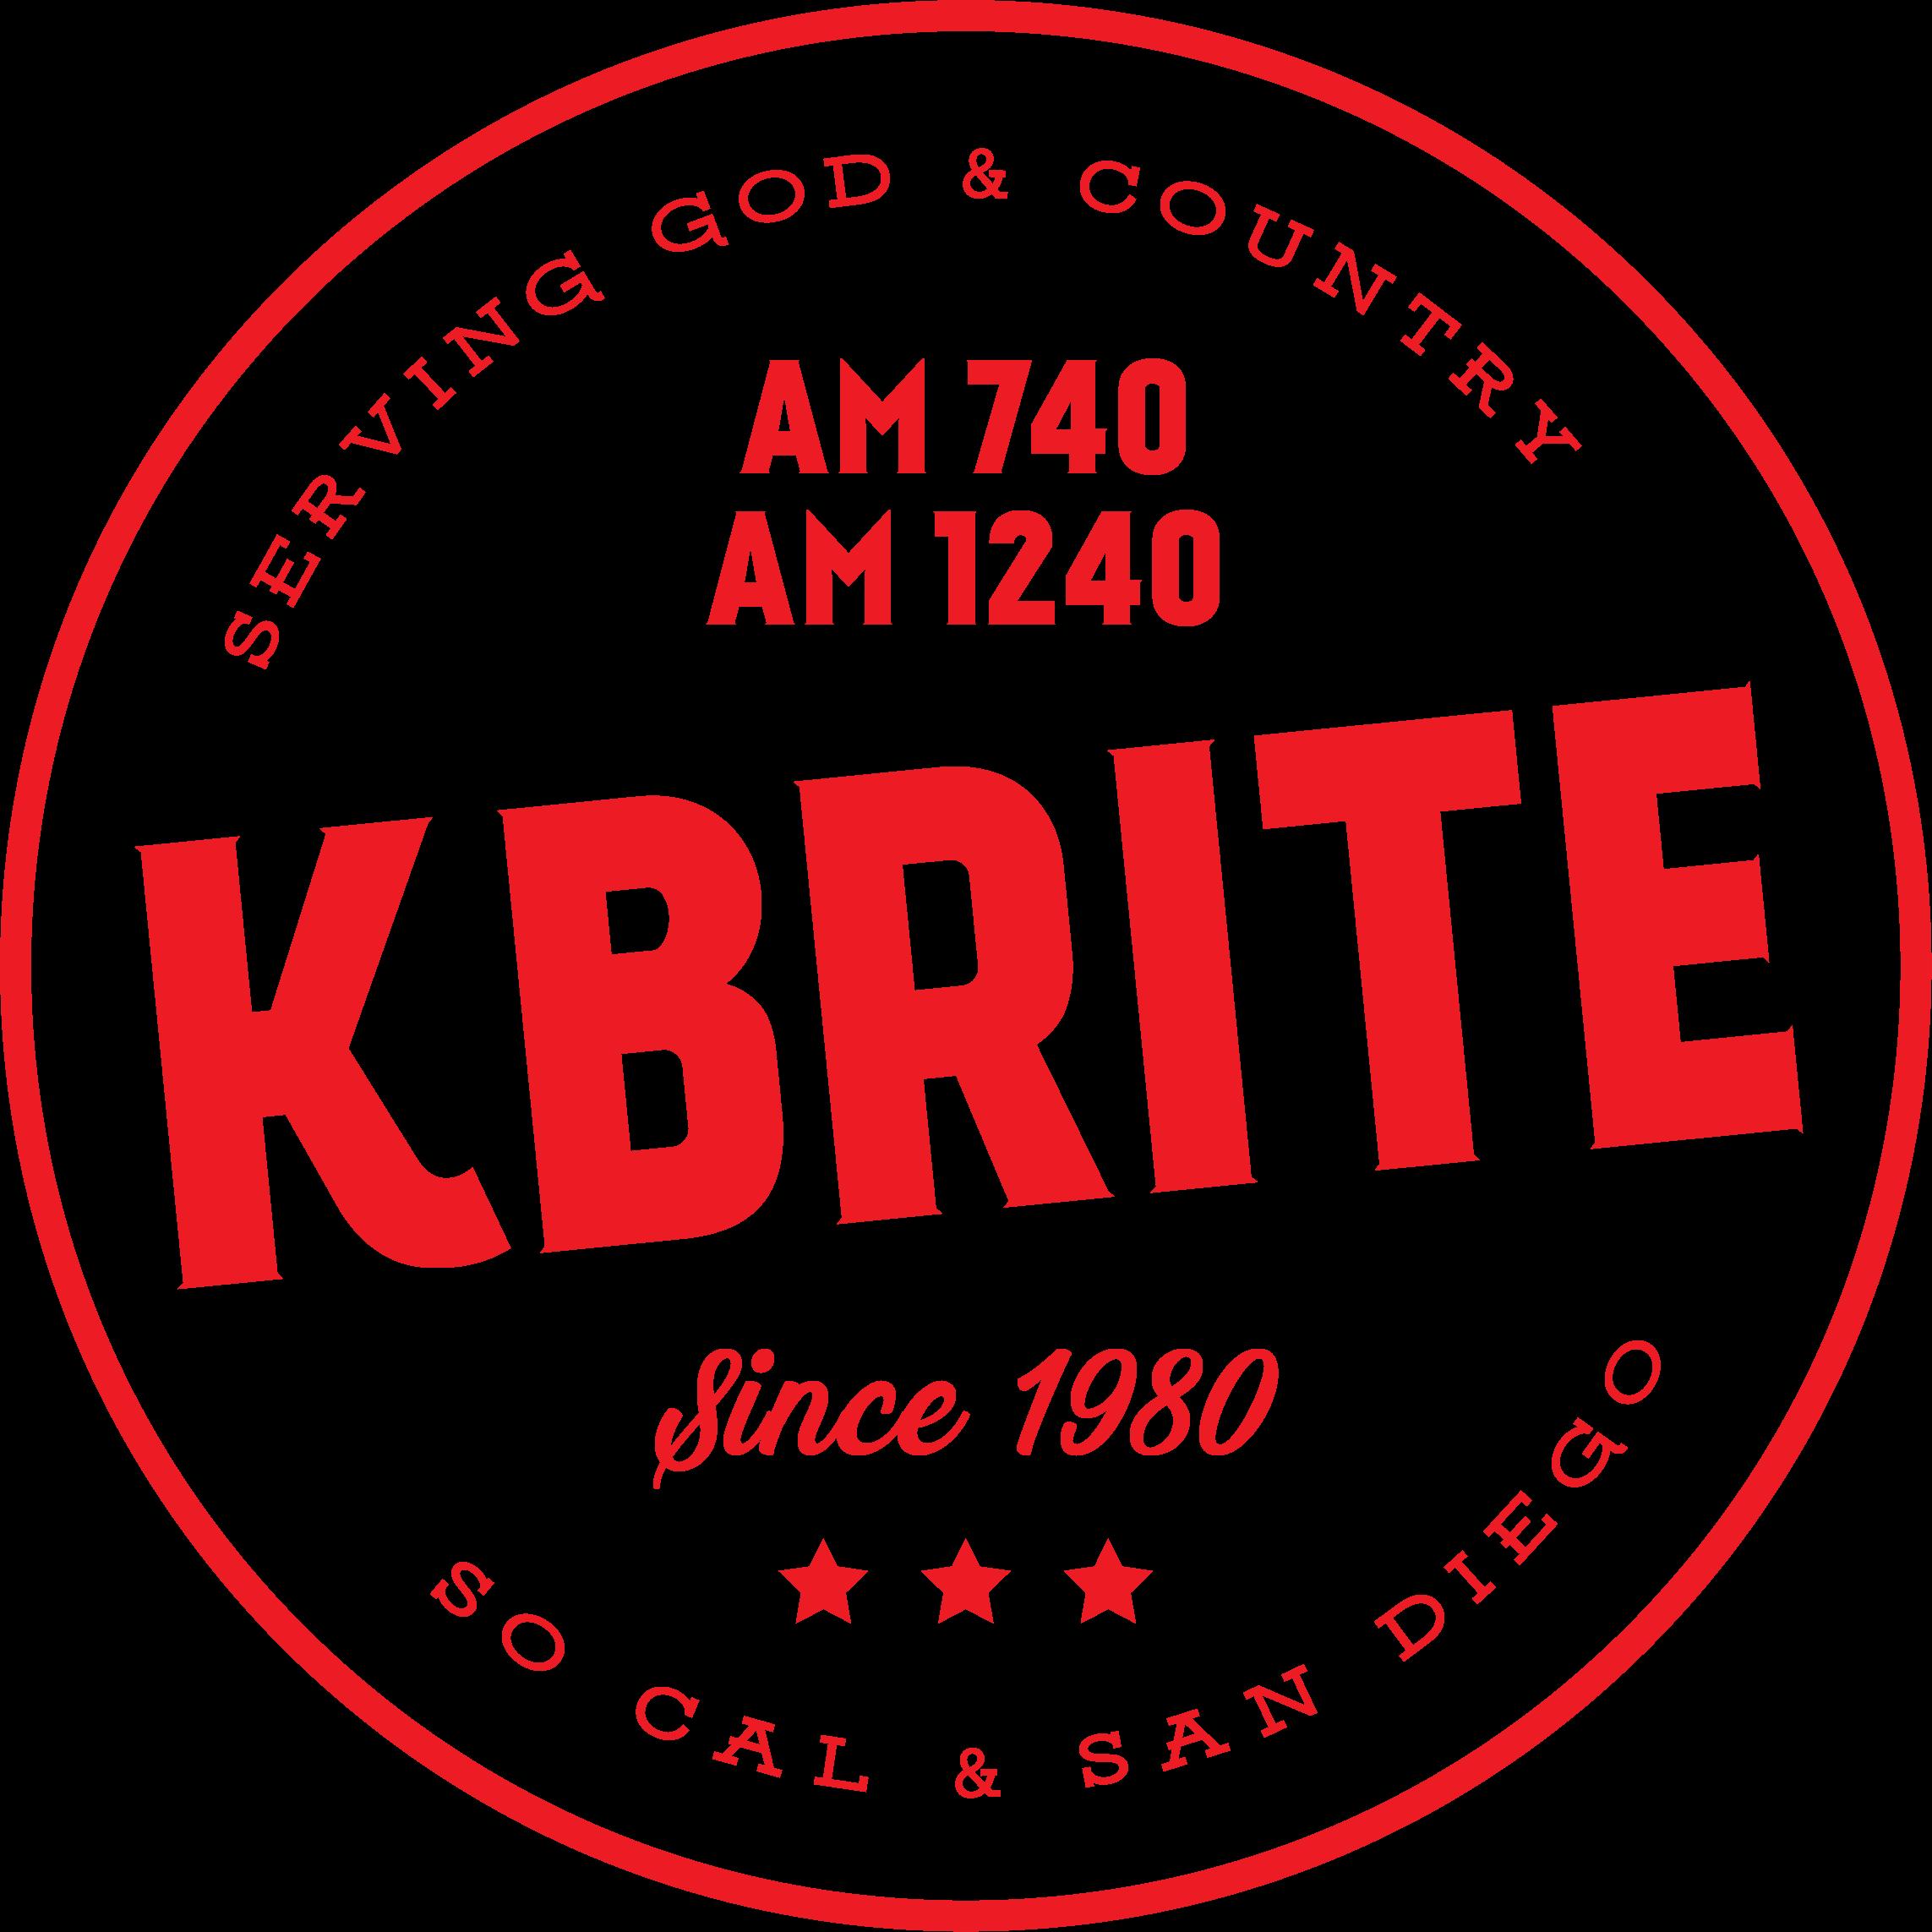 KBRITE Radio